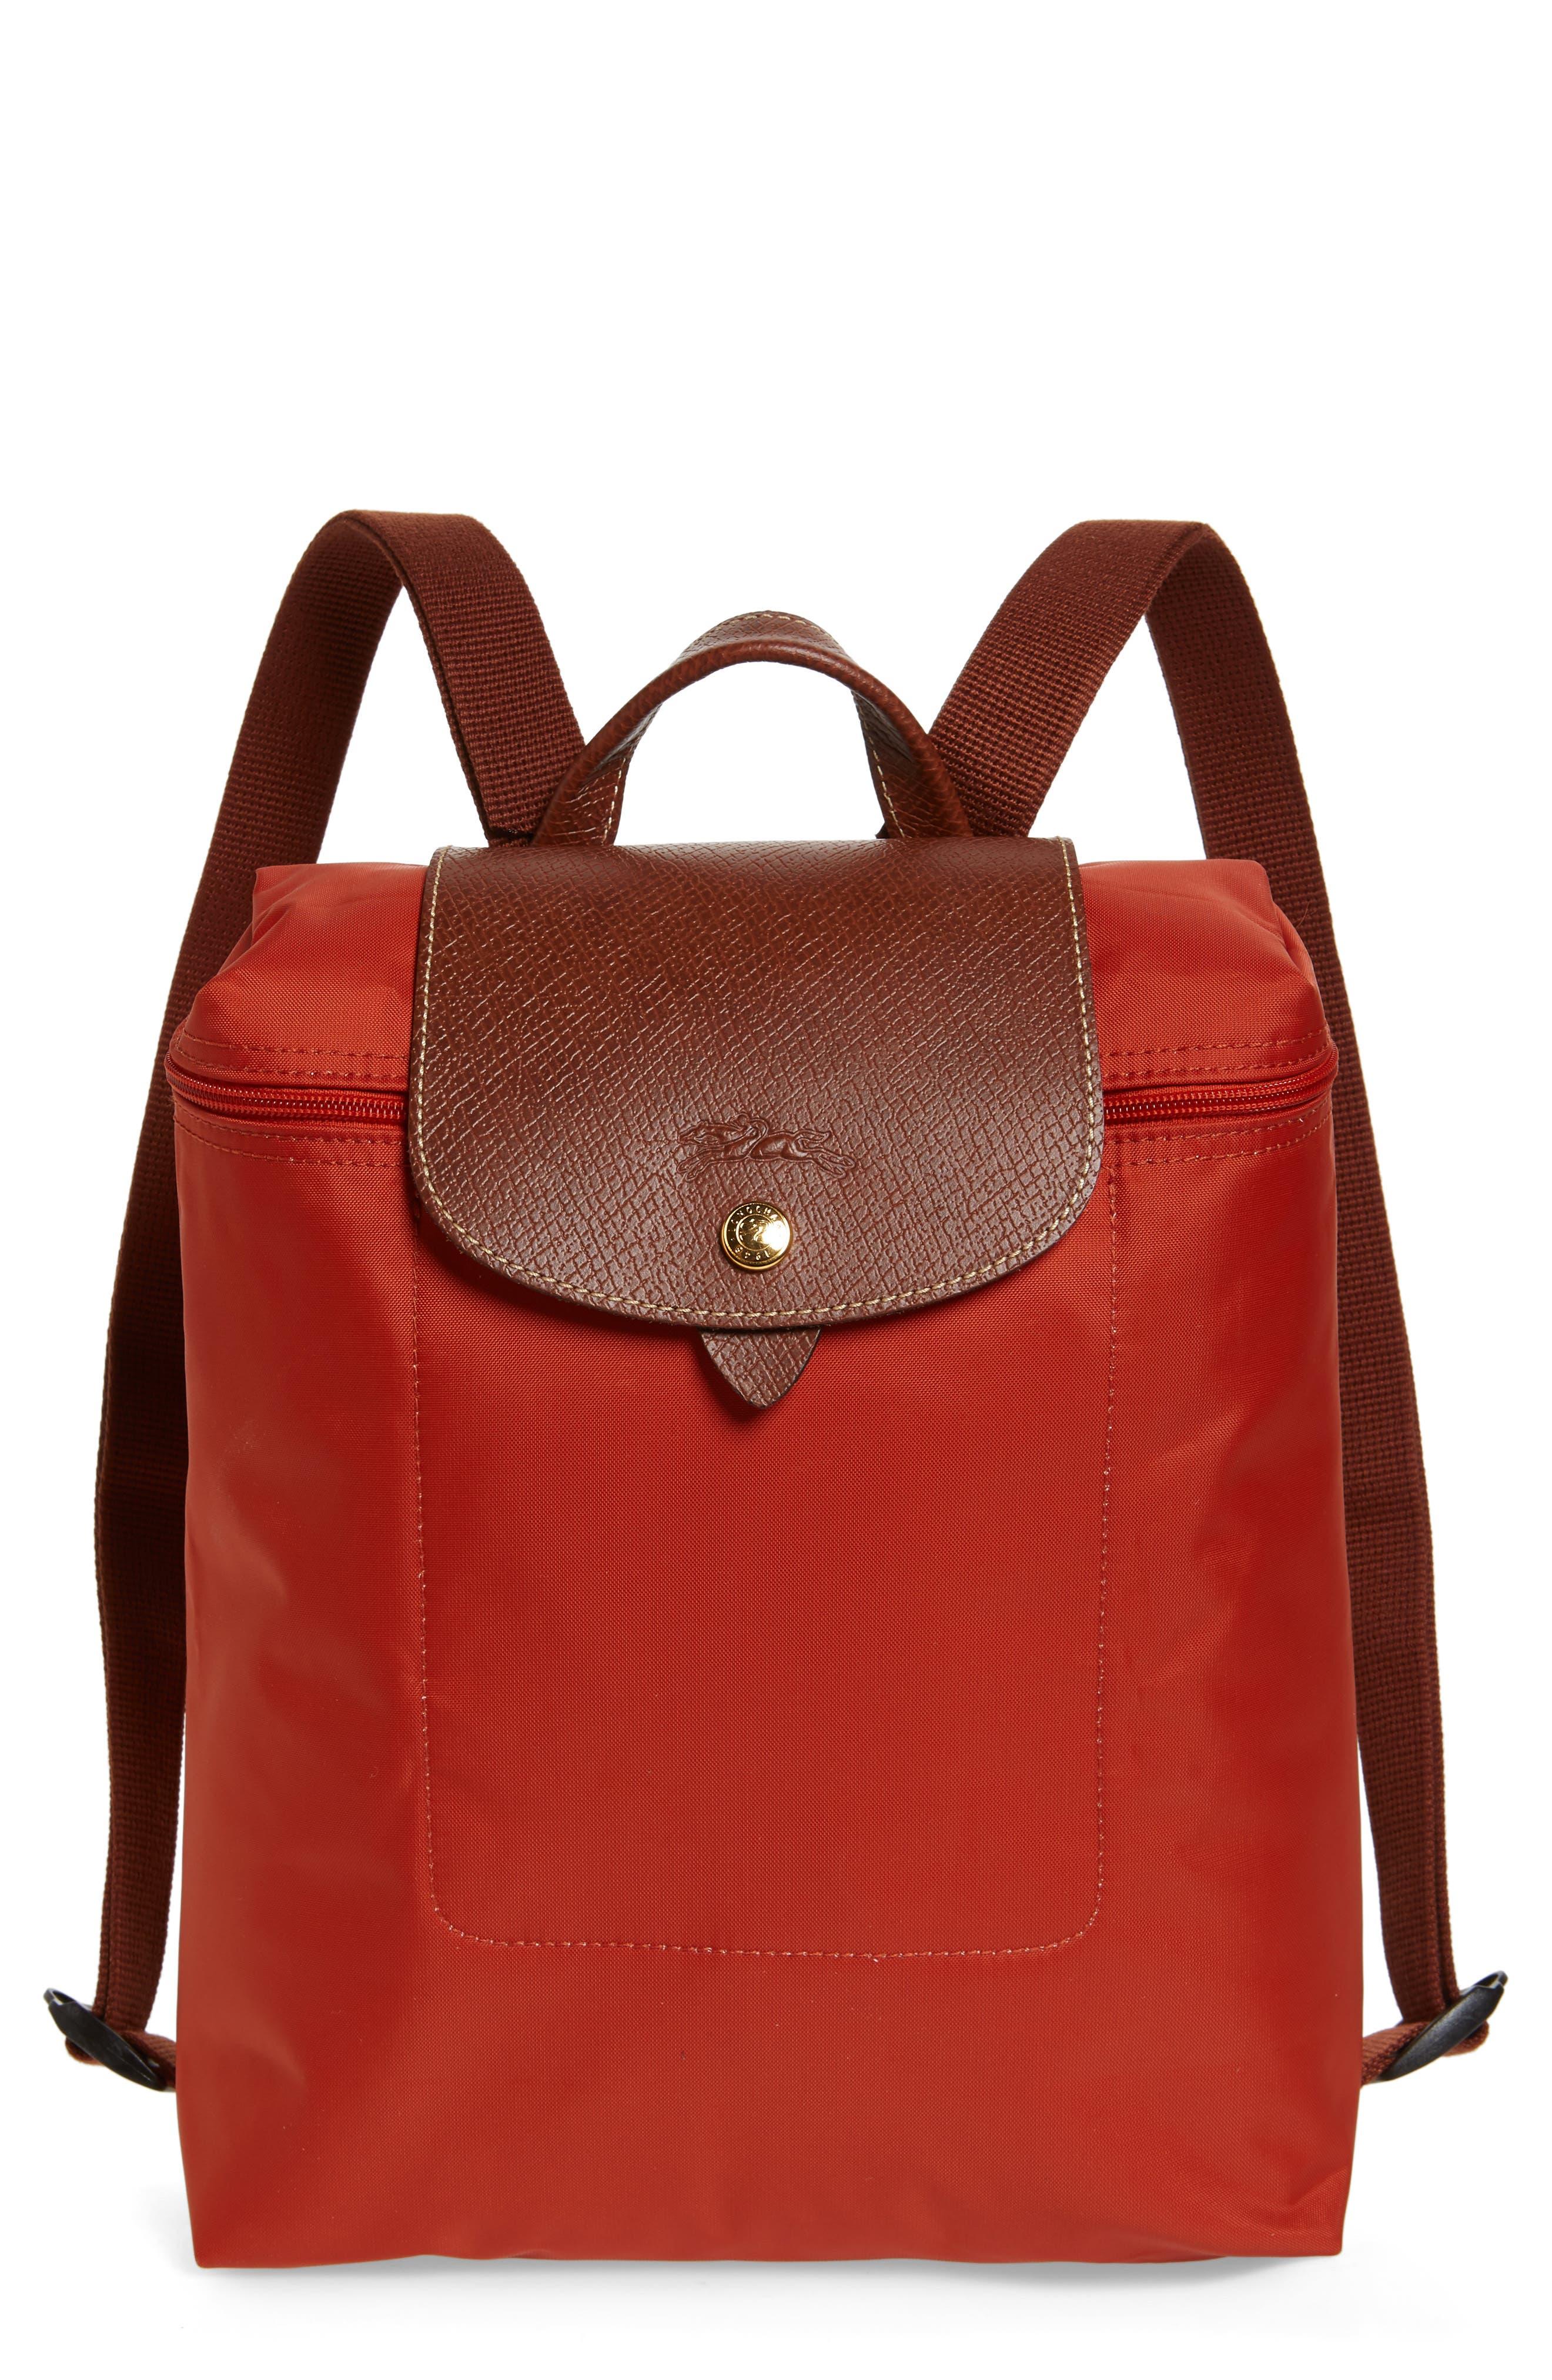 cd6cb2712194 Handbags   Wallets for Women